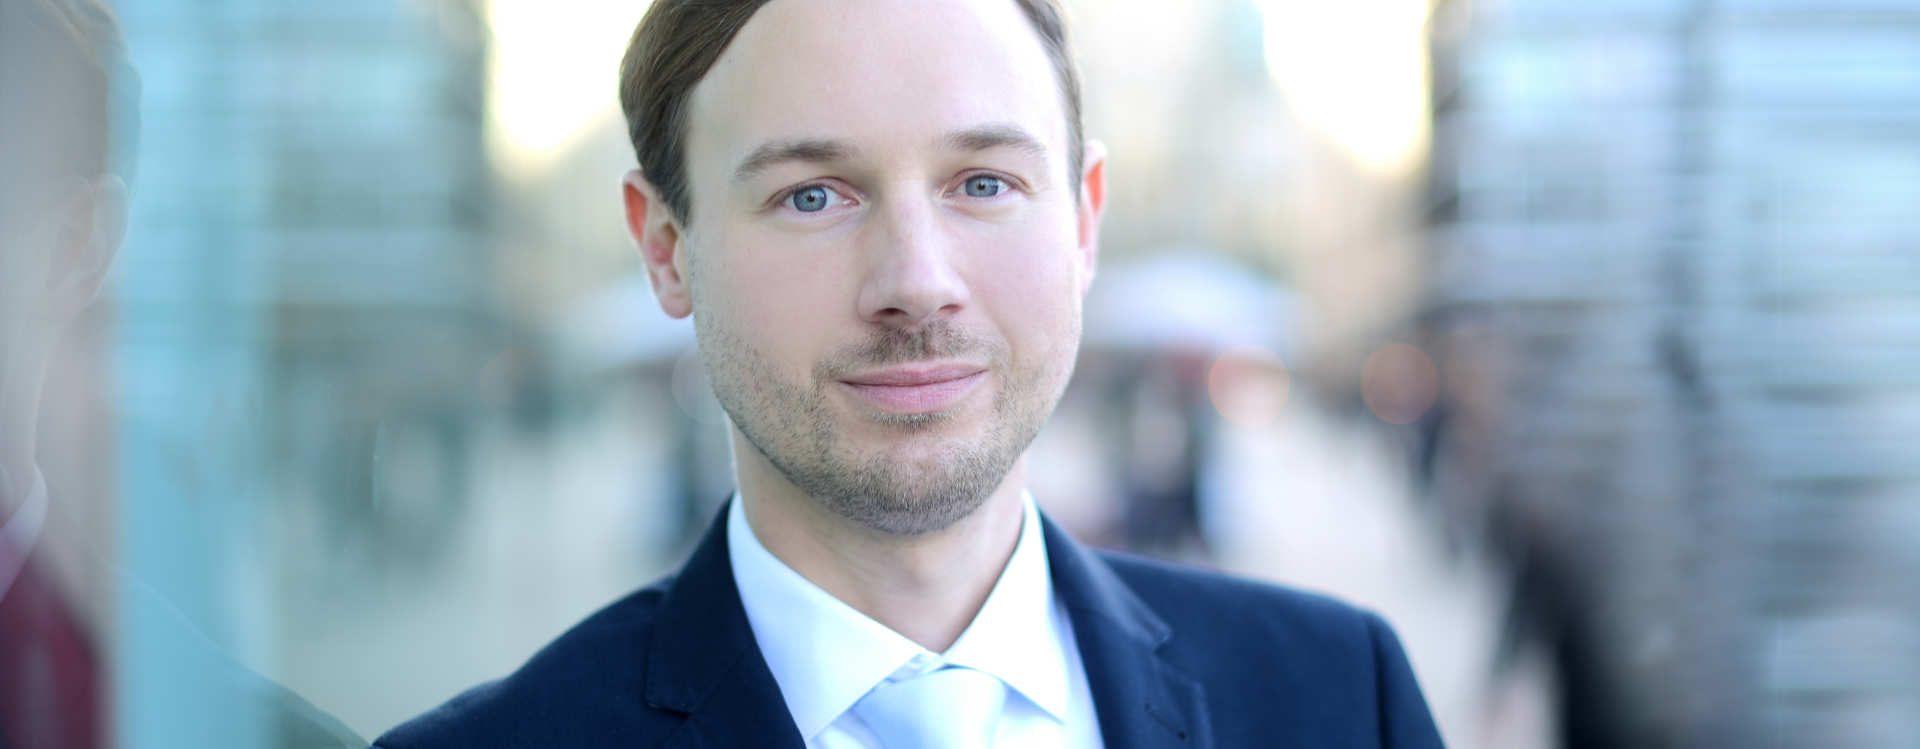 LAUDON | Strafverteidigung Hamburg - Rechtsanwälte für Strafrecht Hamburg Michael Eggers